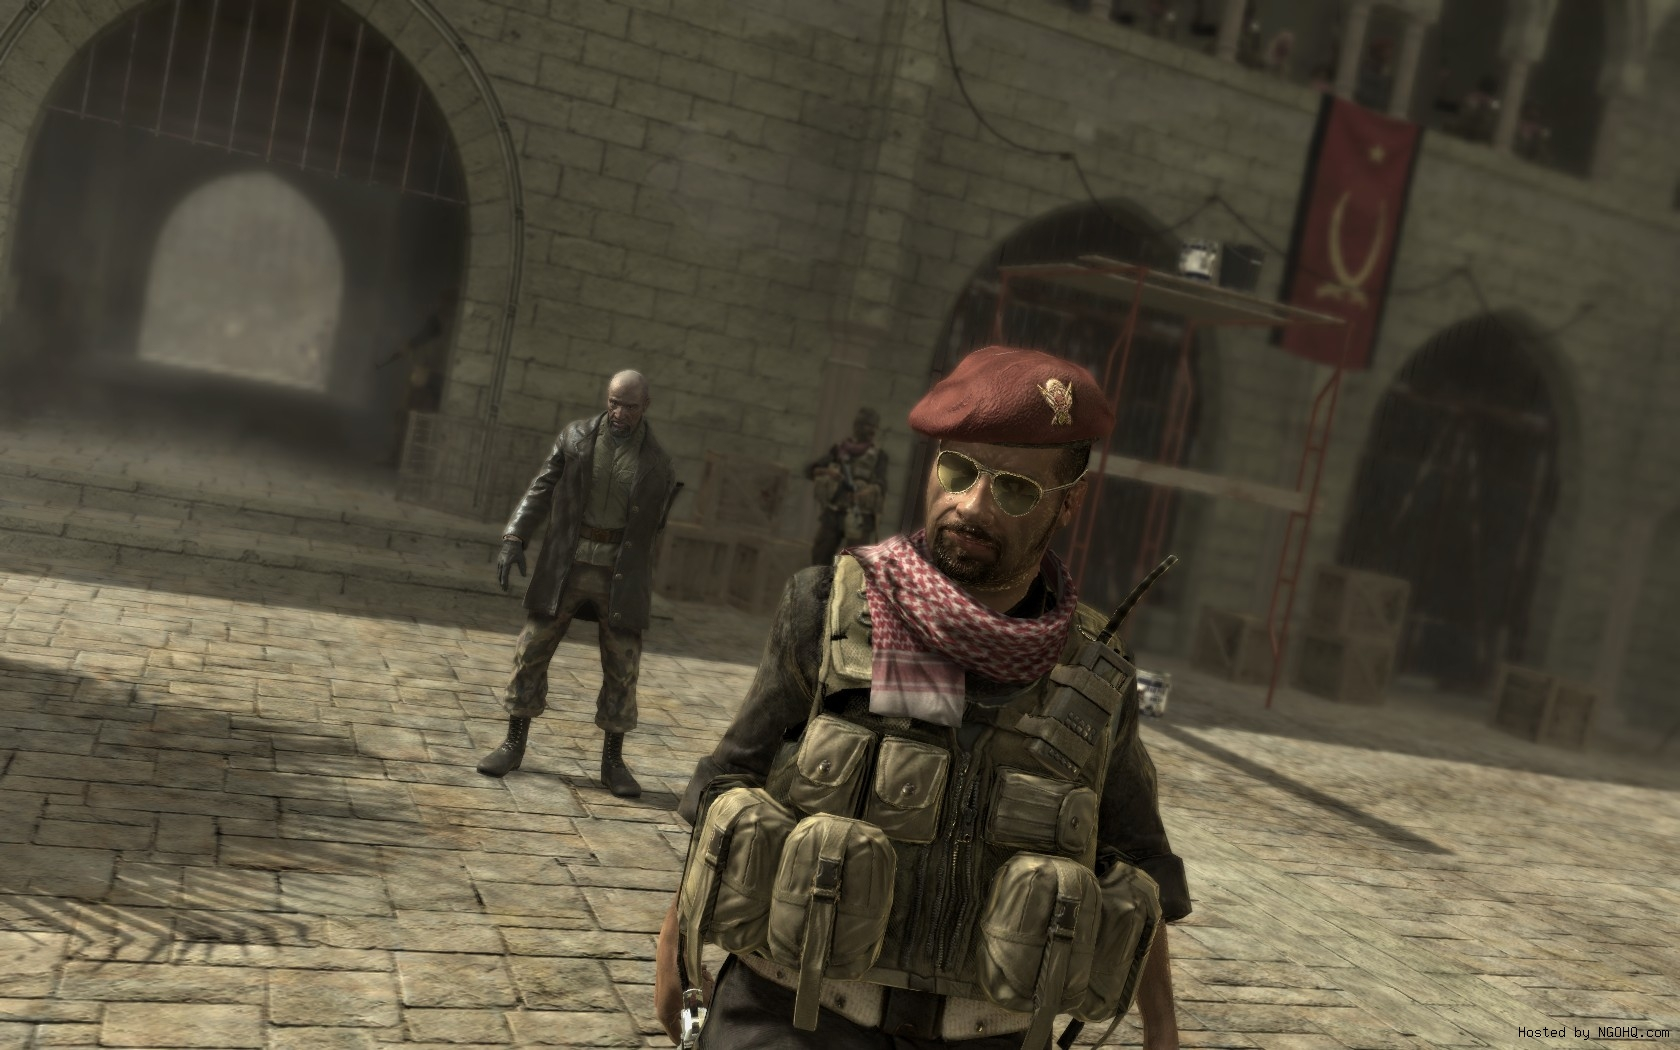 17473525499490d.jpg Call of Duty 4: Modern Warfare Now Available!-17473525ca380a2.jpg